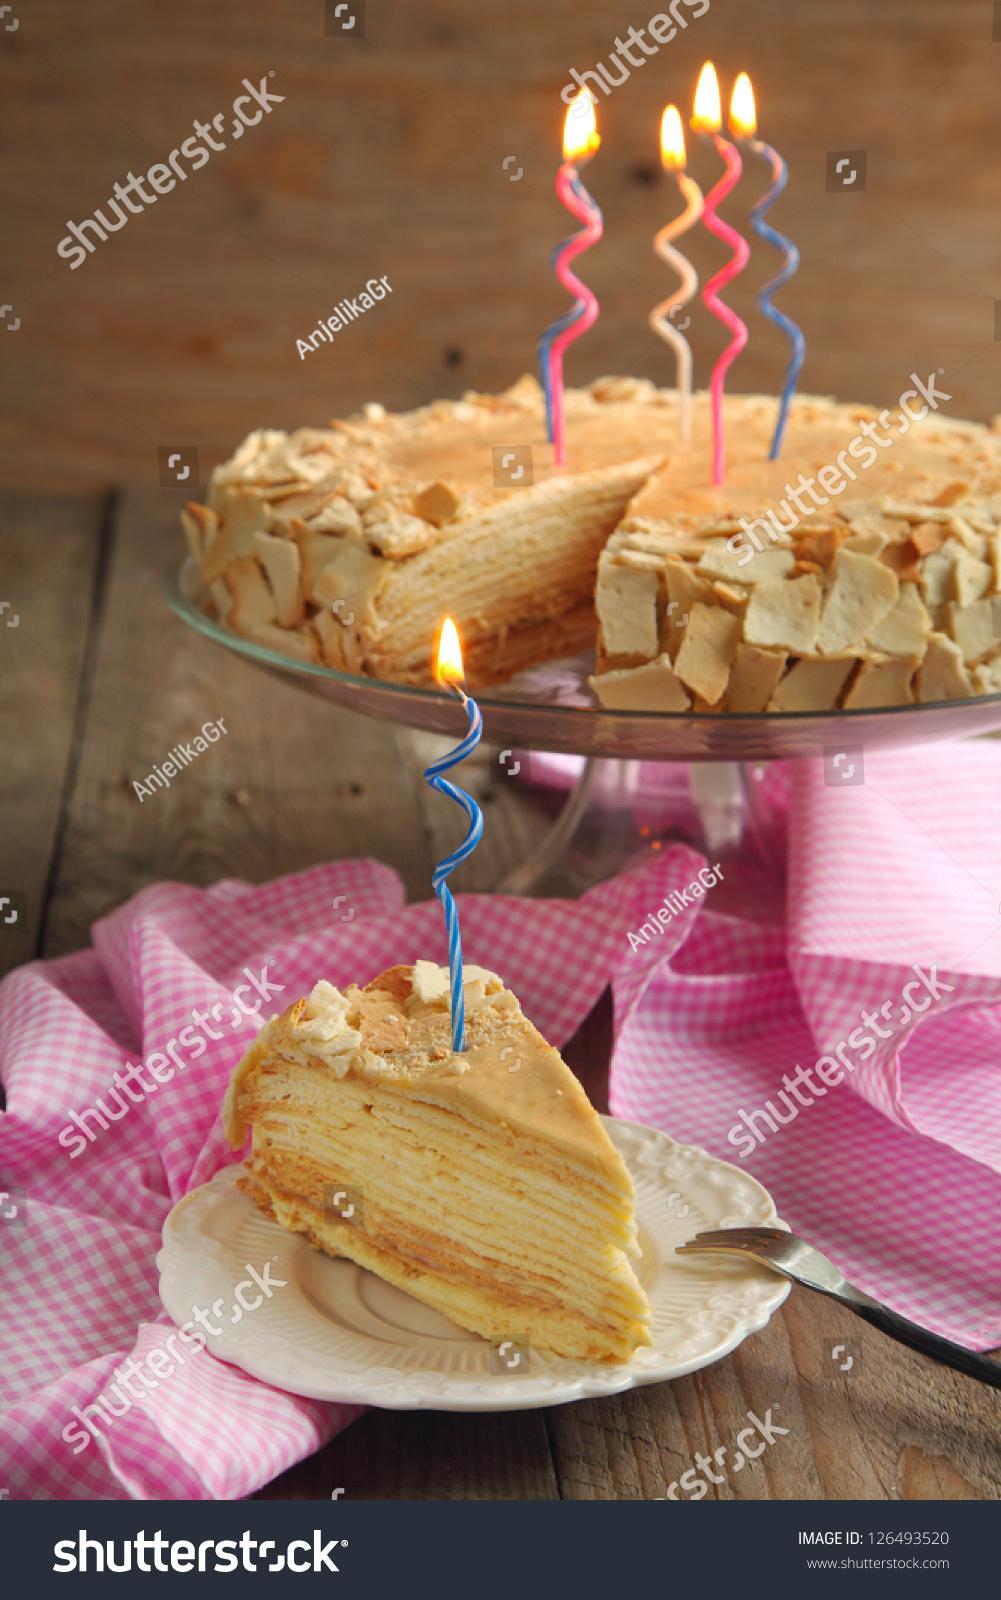 Cake Napoleon Puff Pastry Cream Birthday Stock Photo Edit Now